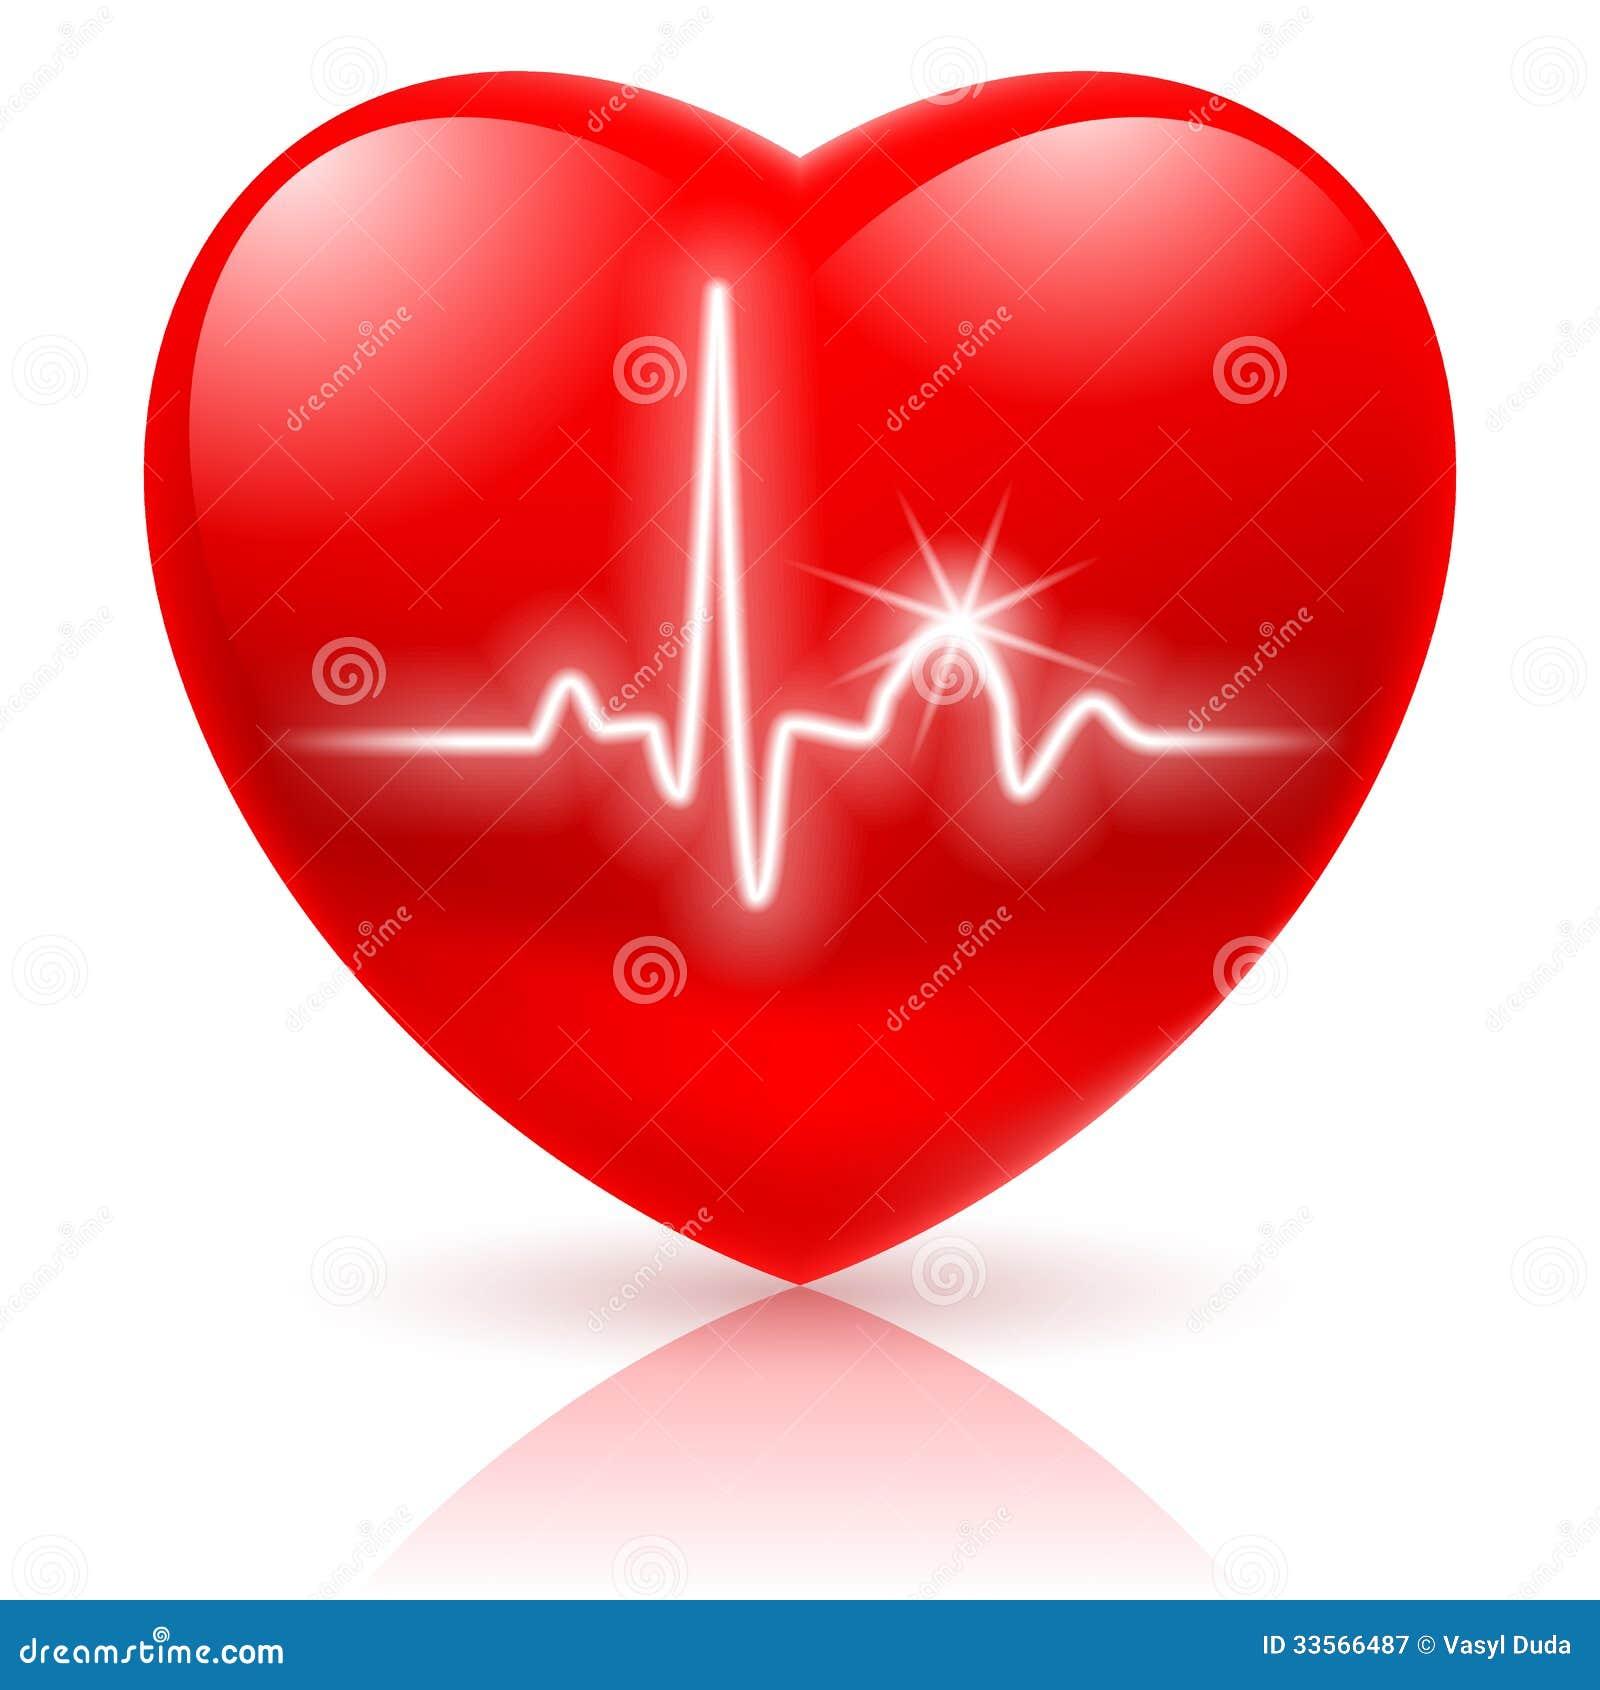 与心电图的心脏.图片